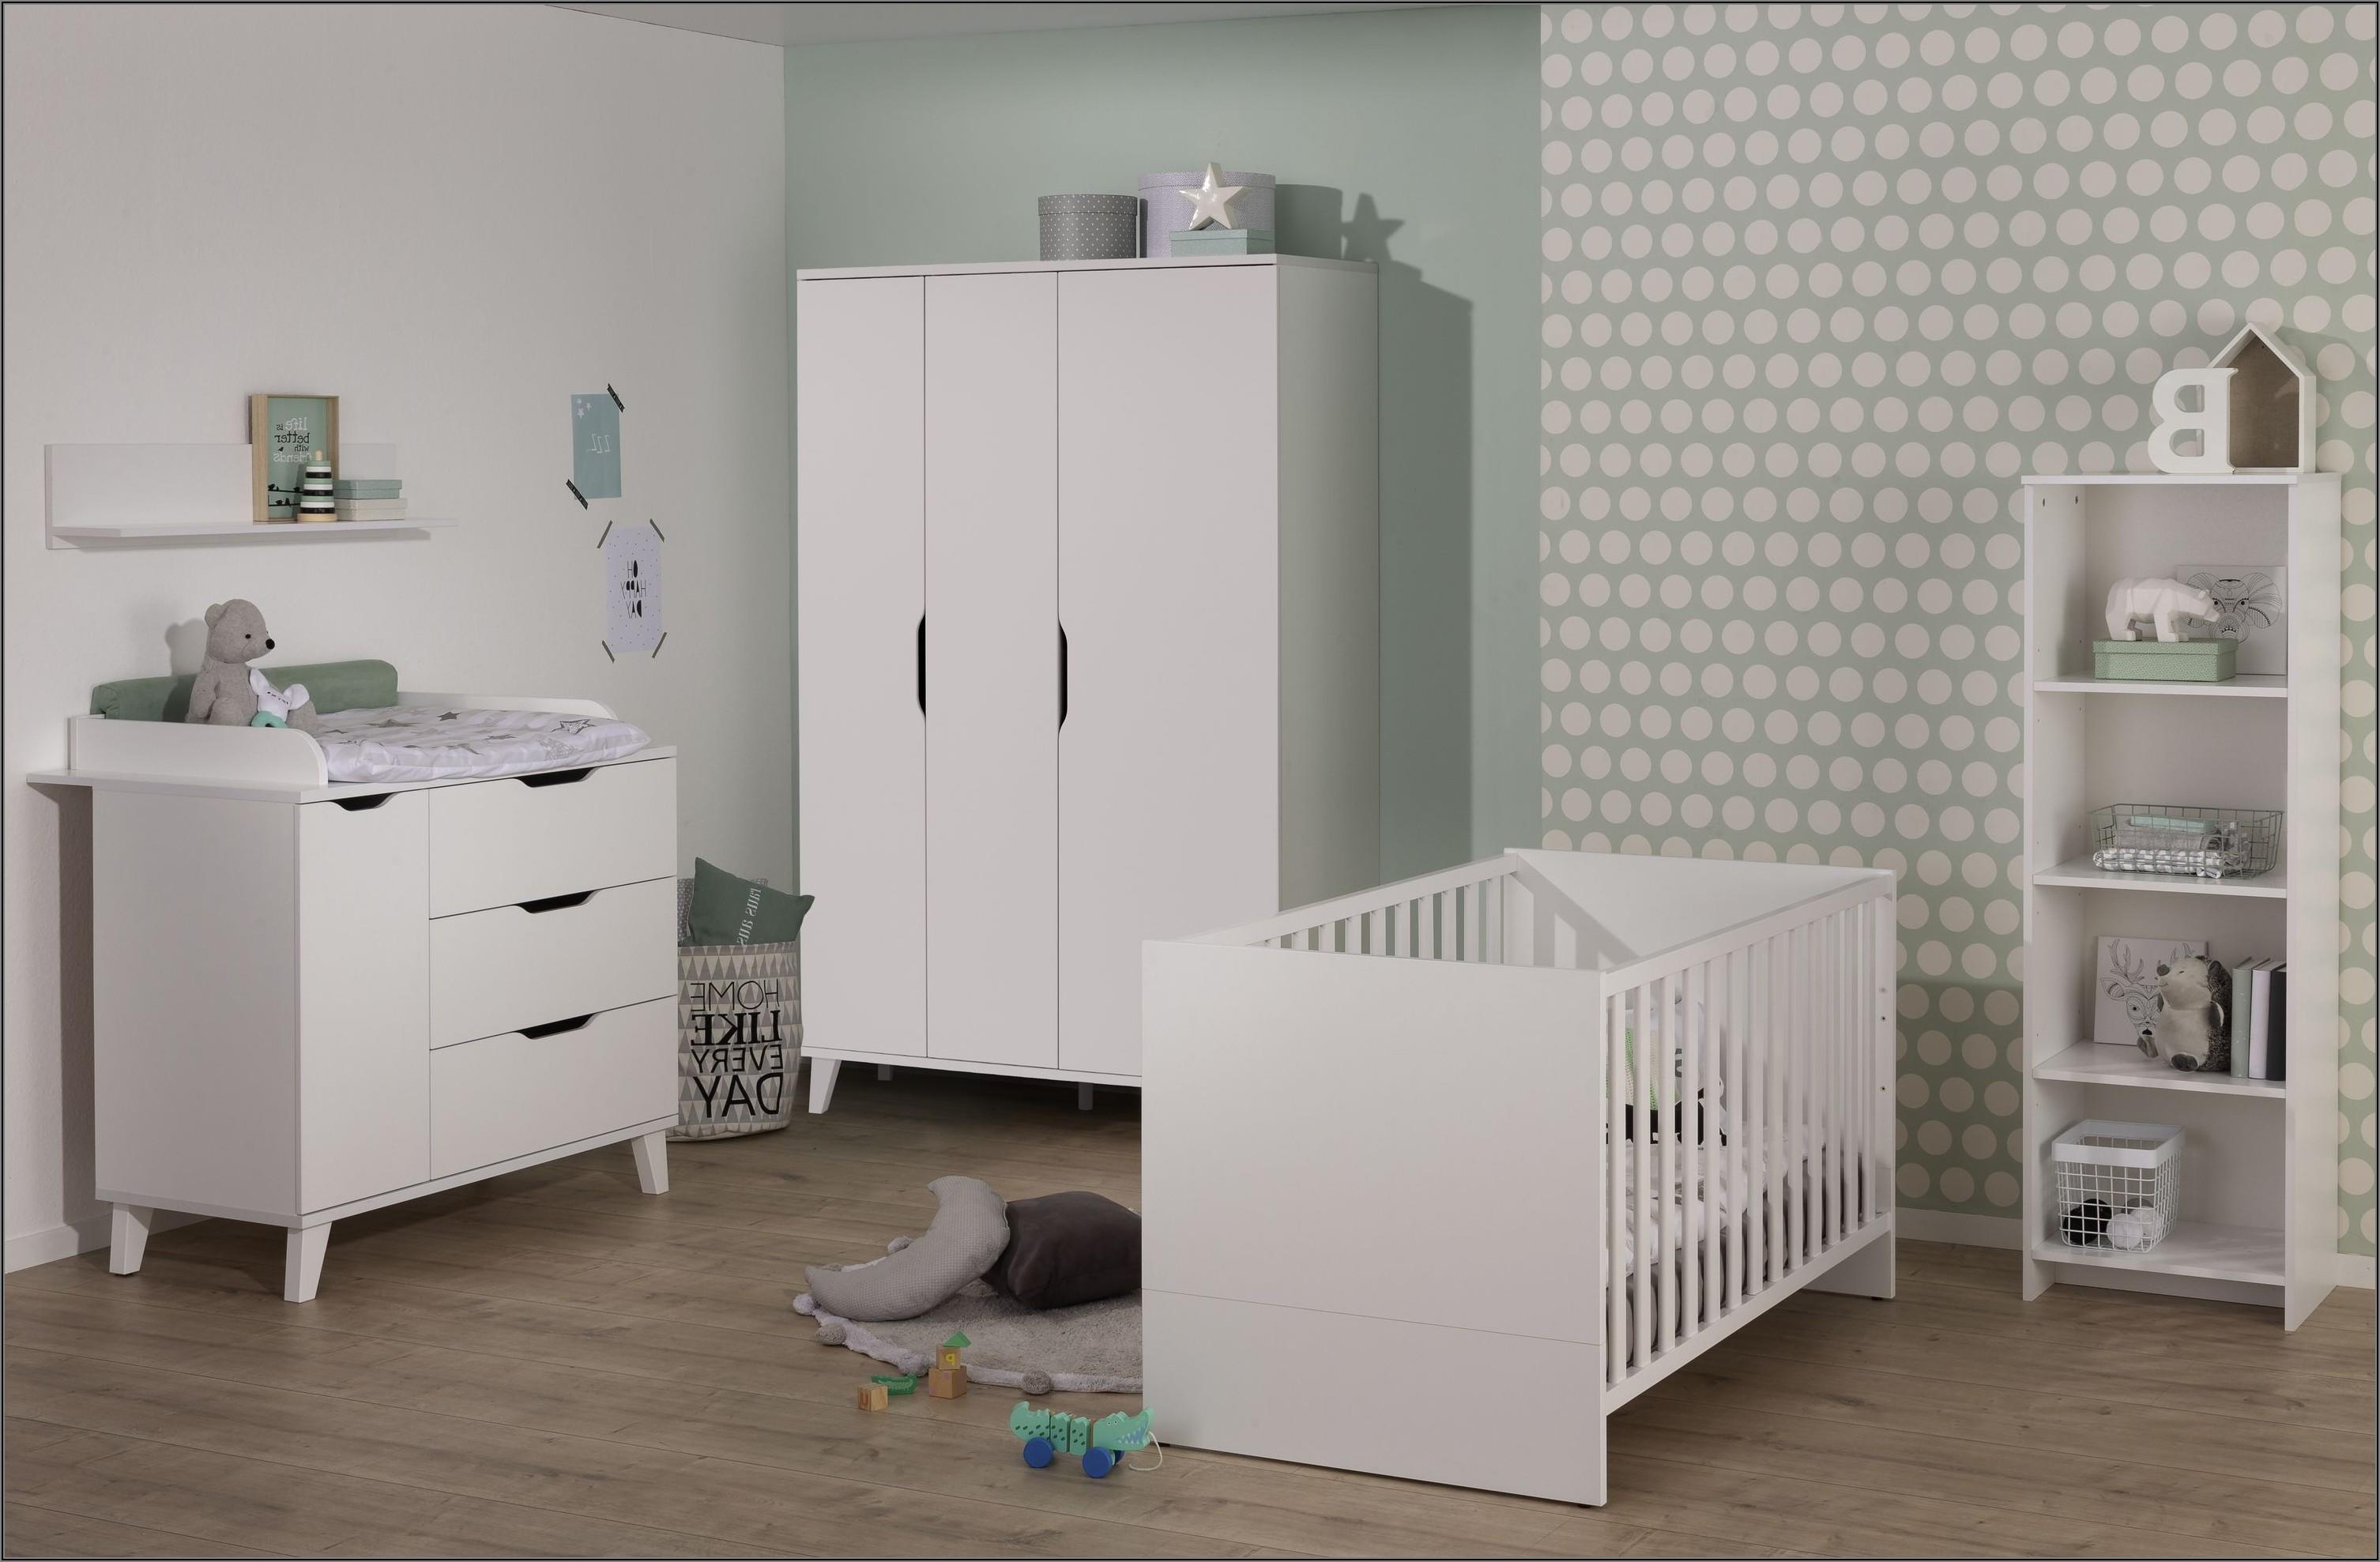 Lieferzeiten Kinderzimmer Baby One